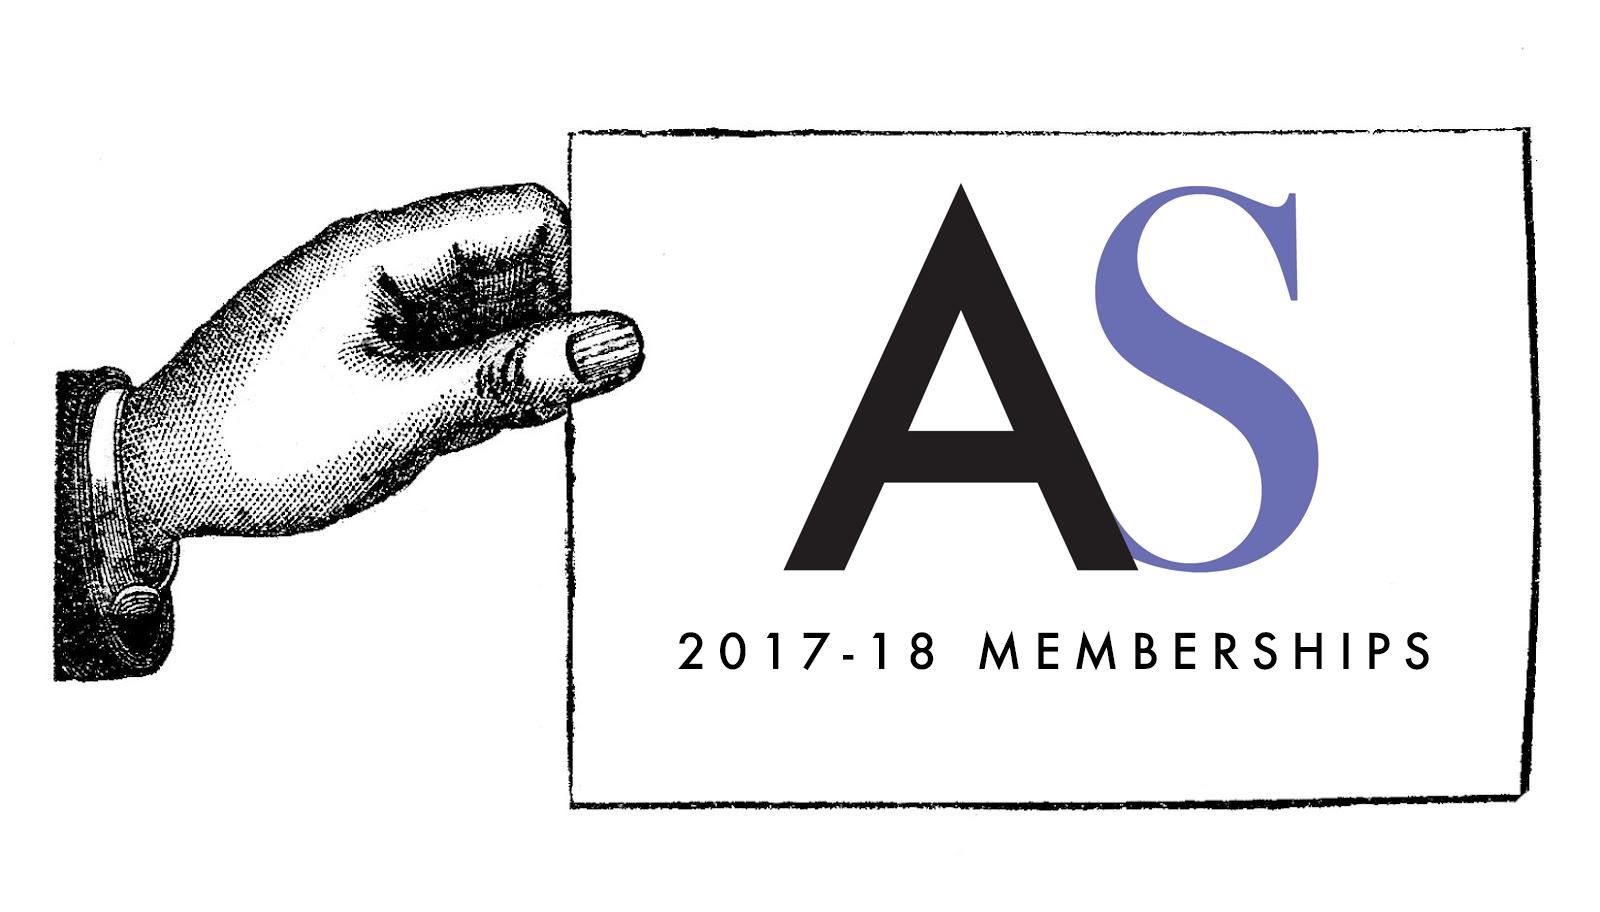 2017-2018 Memberships